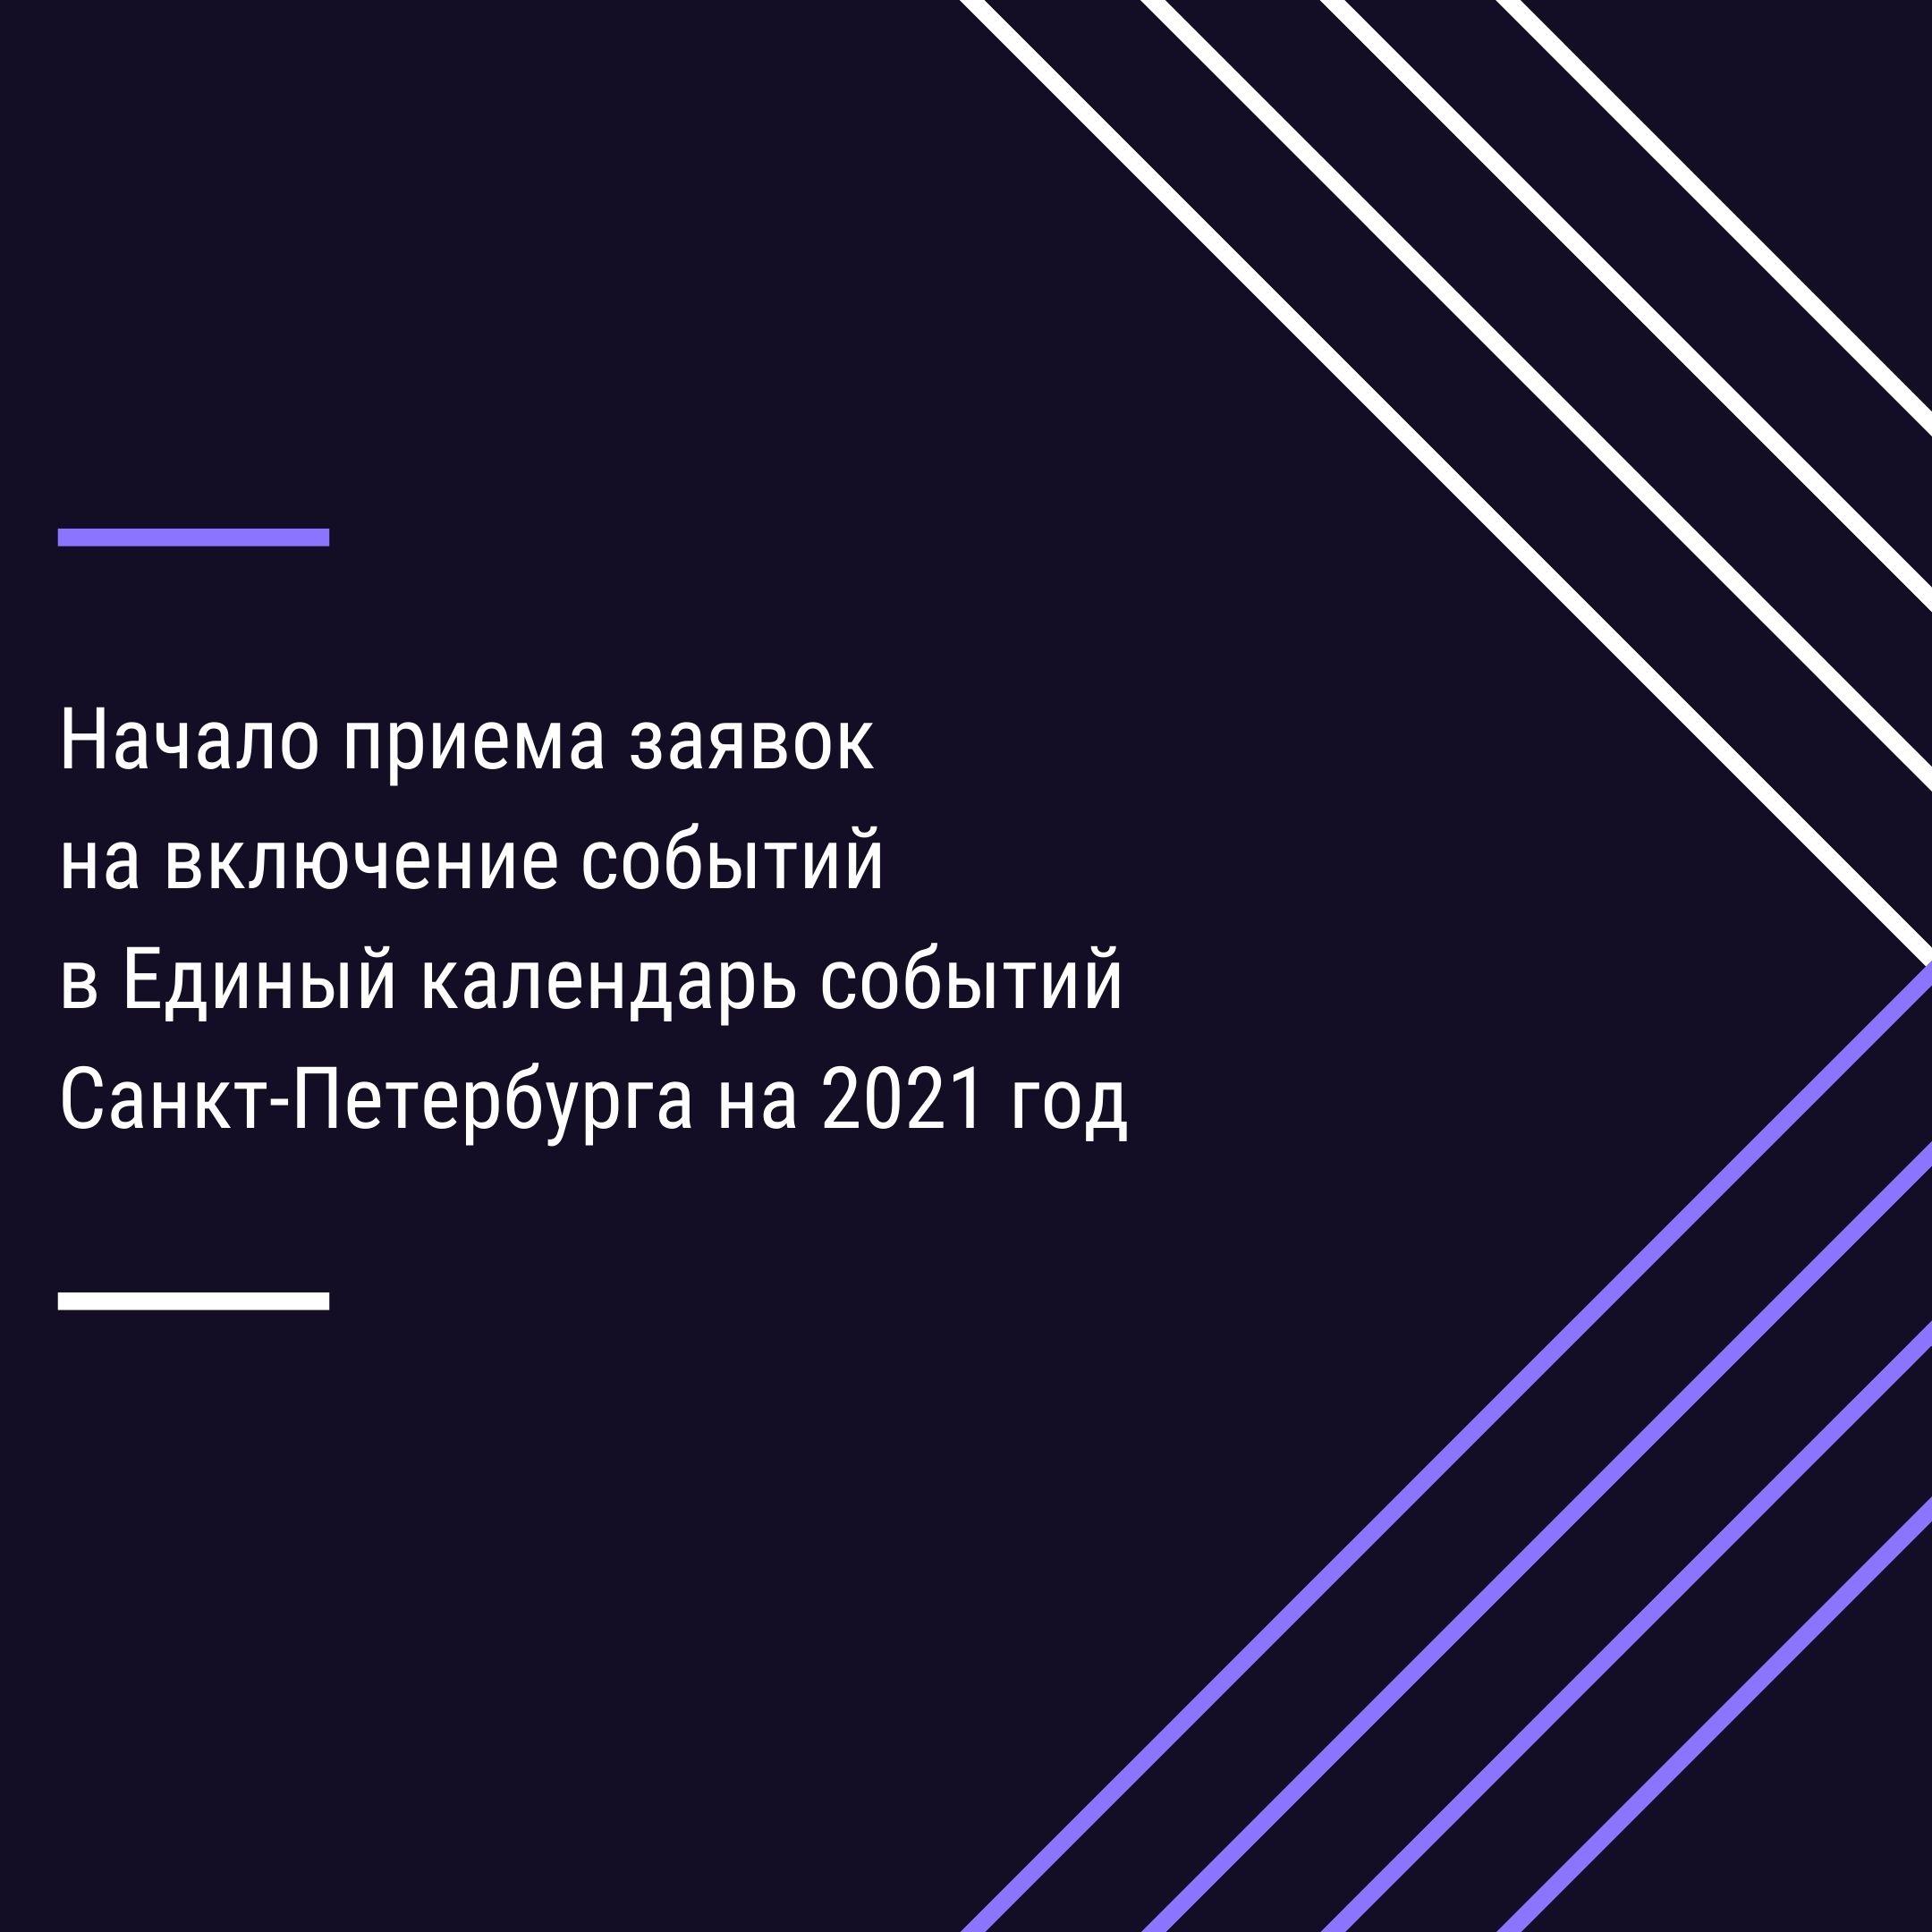 Начало приема заявок на включение событий в Единый календарь событий Санкт-Петербурга на 2021 год